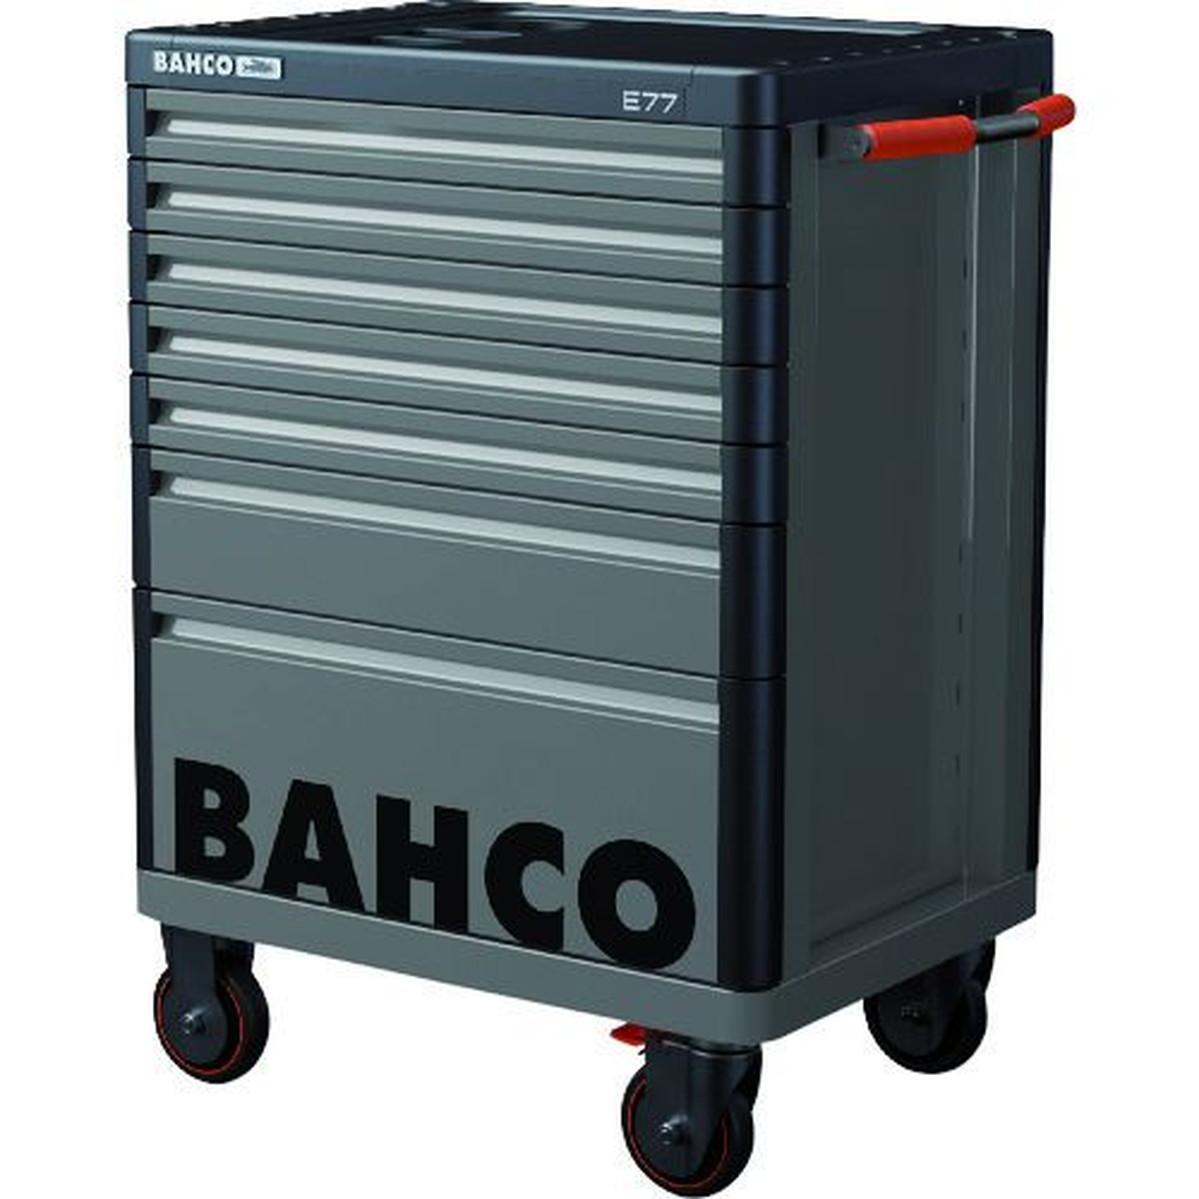 お買い得モデル バーコ 1台 グレー7段 BAHCOツールストレージハブ バーコ グレー7段 1台, Mon Juillet:5c19033a --- bellsrenovation.com